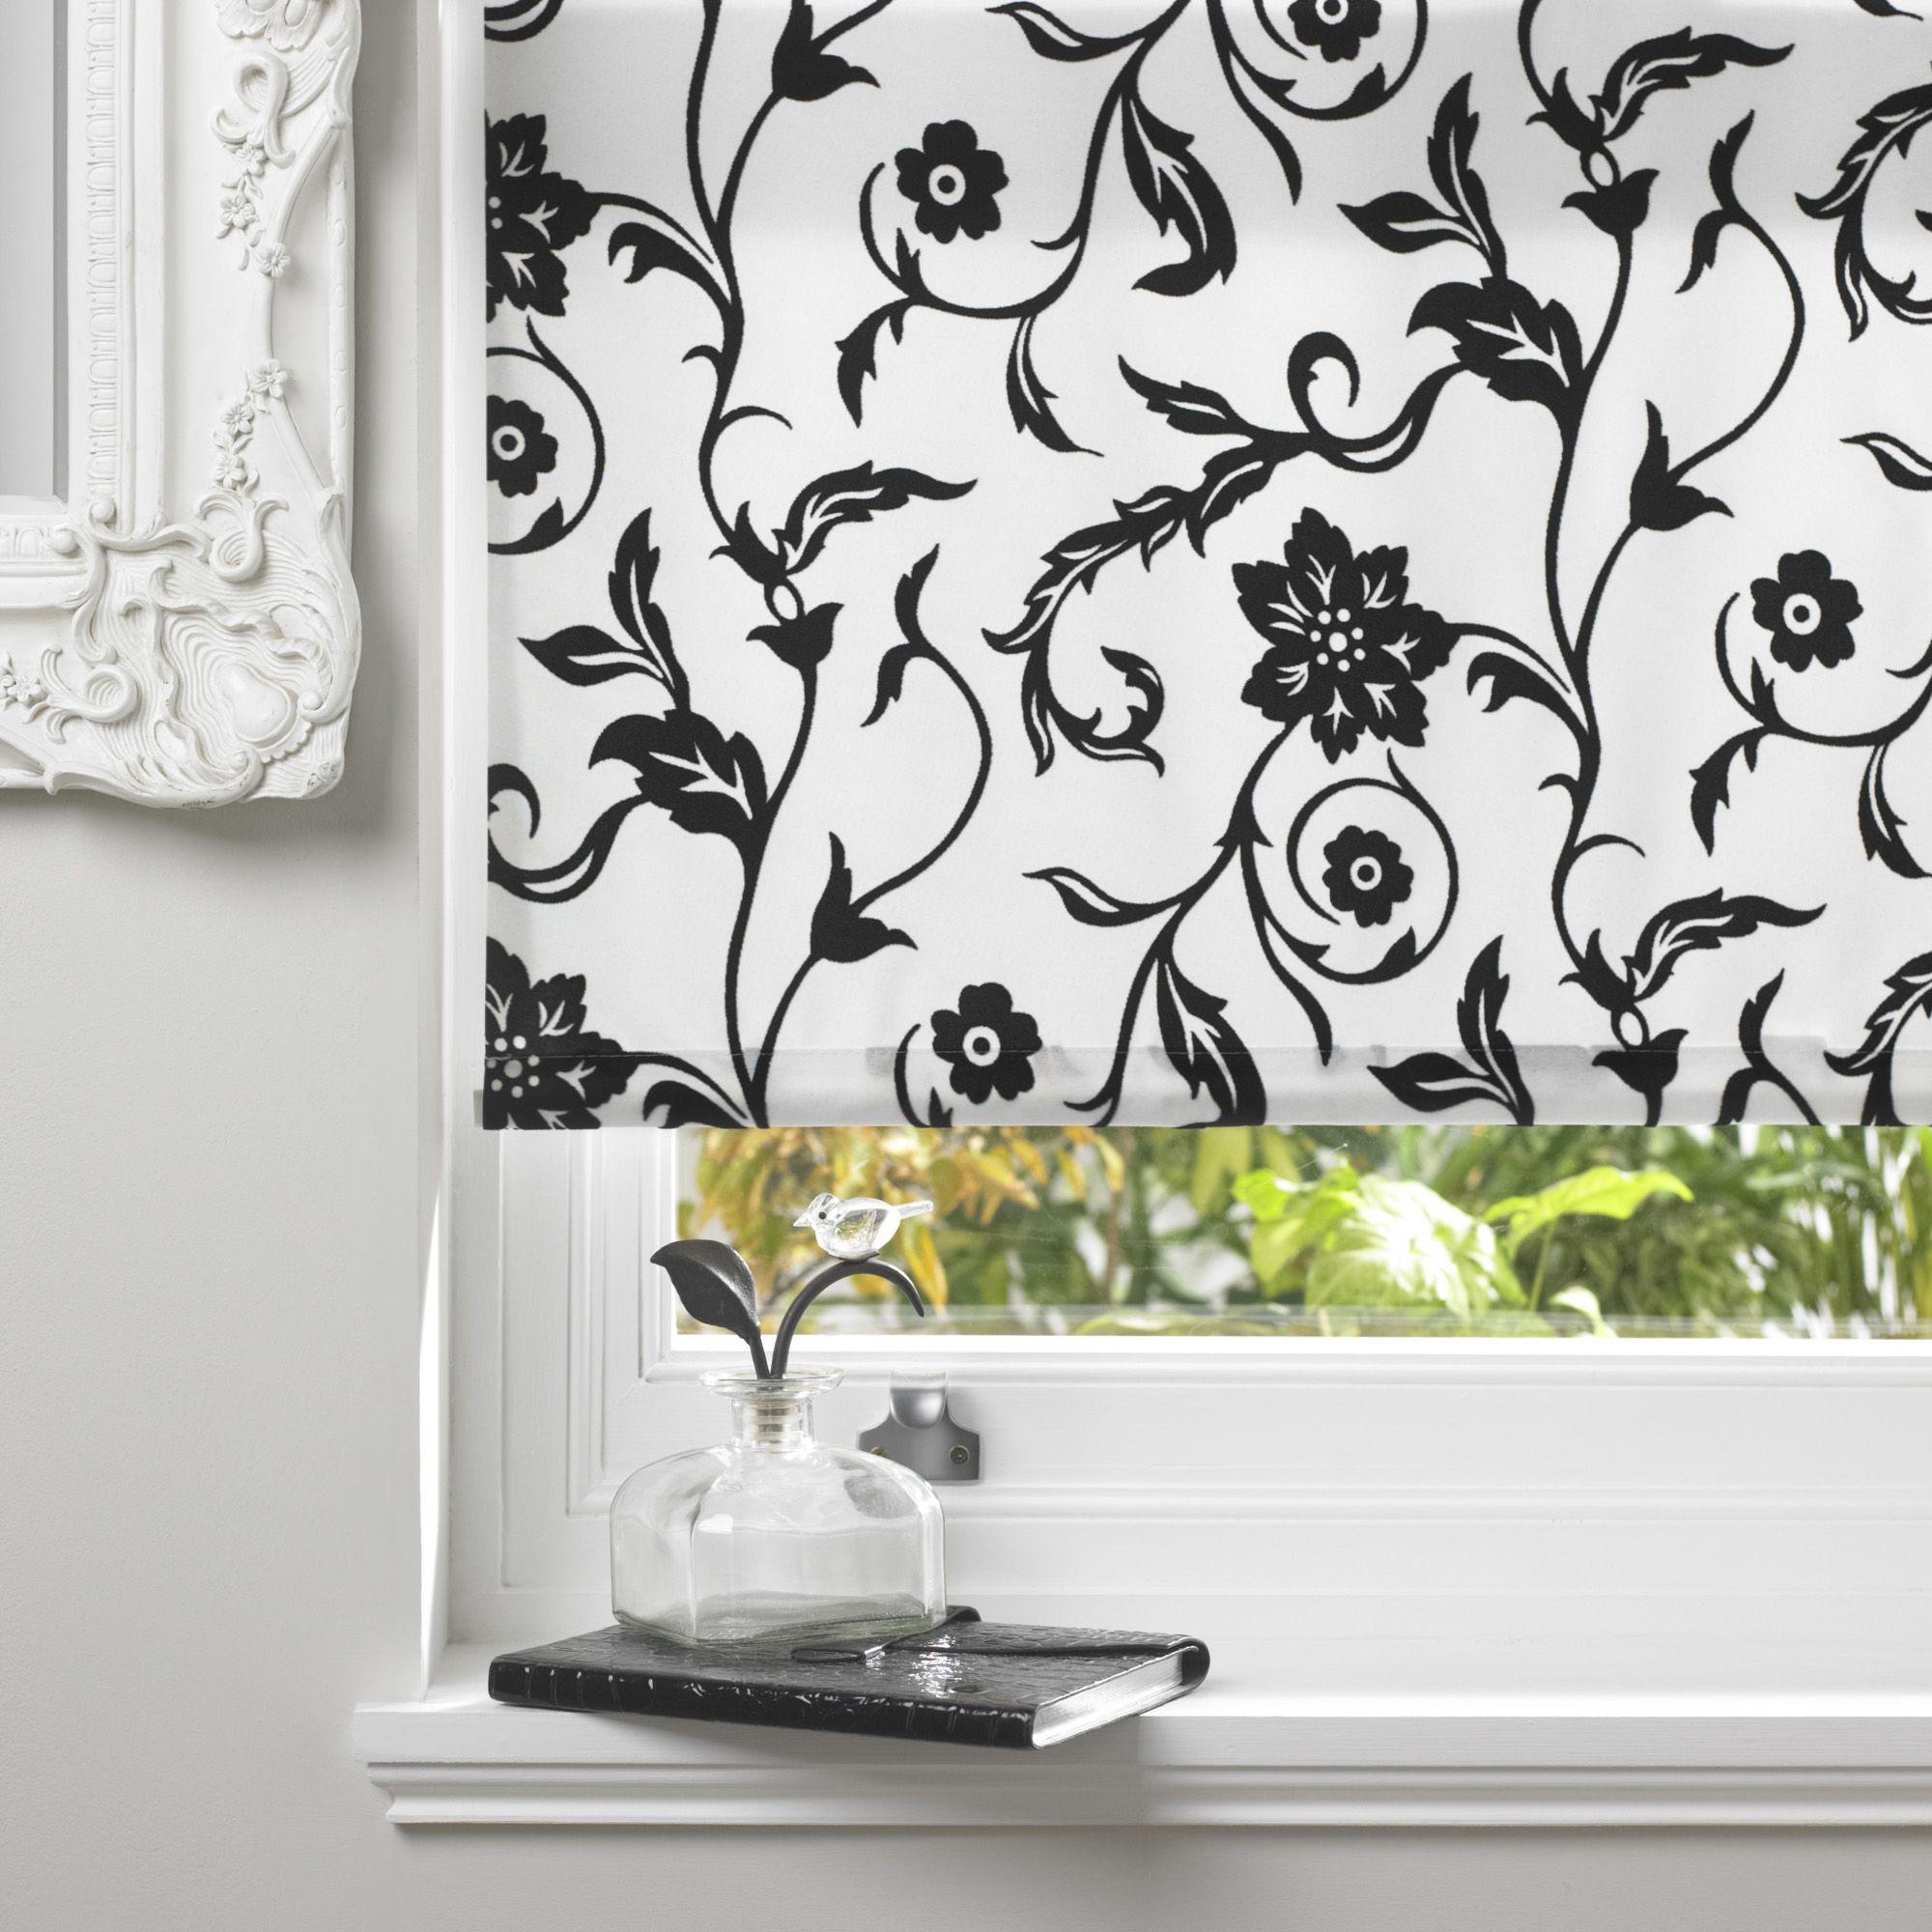 Bathroom Window Blinds B&Q colours rosette corded black & white roller blind (l)160 cm (w)180